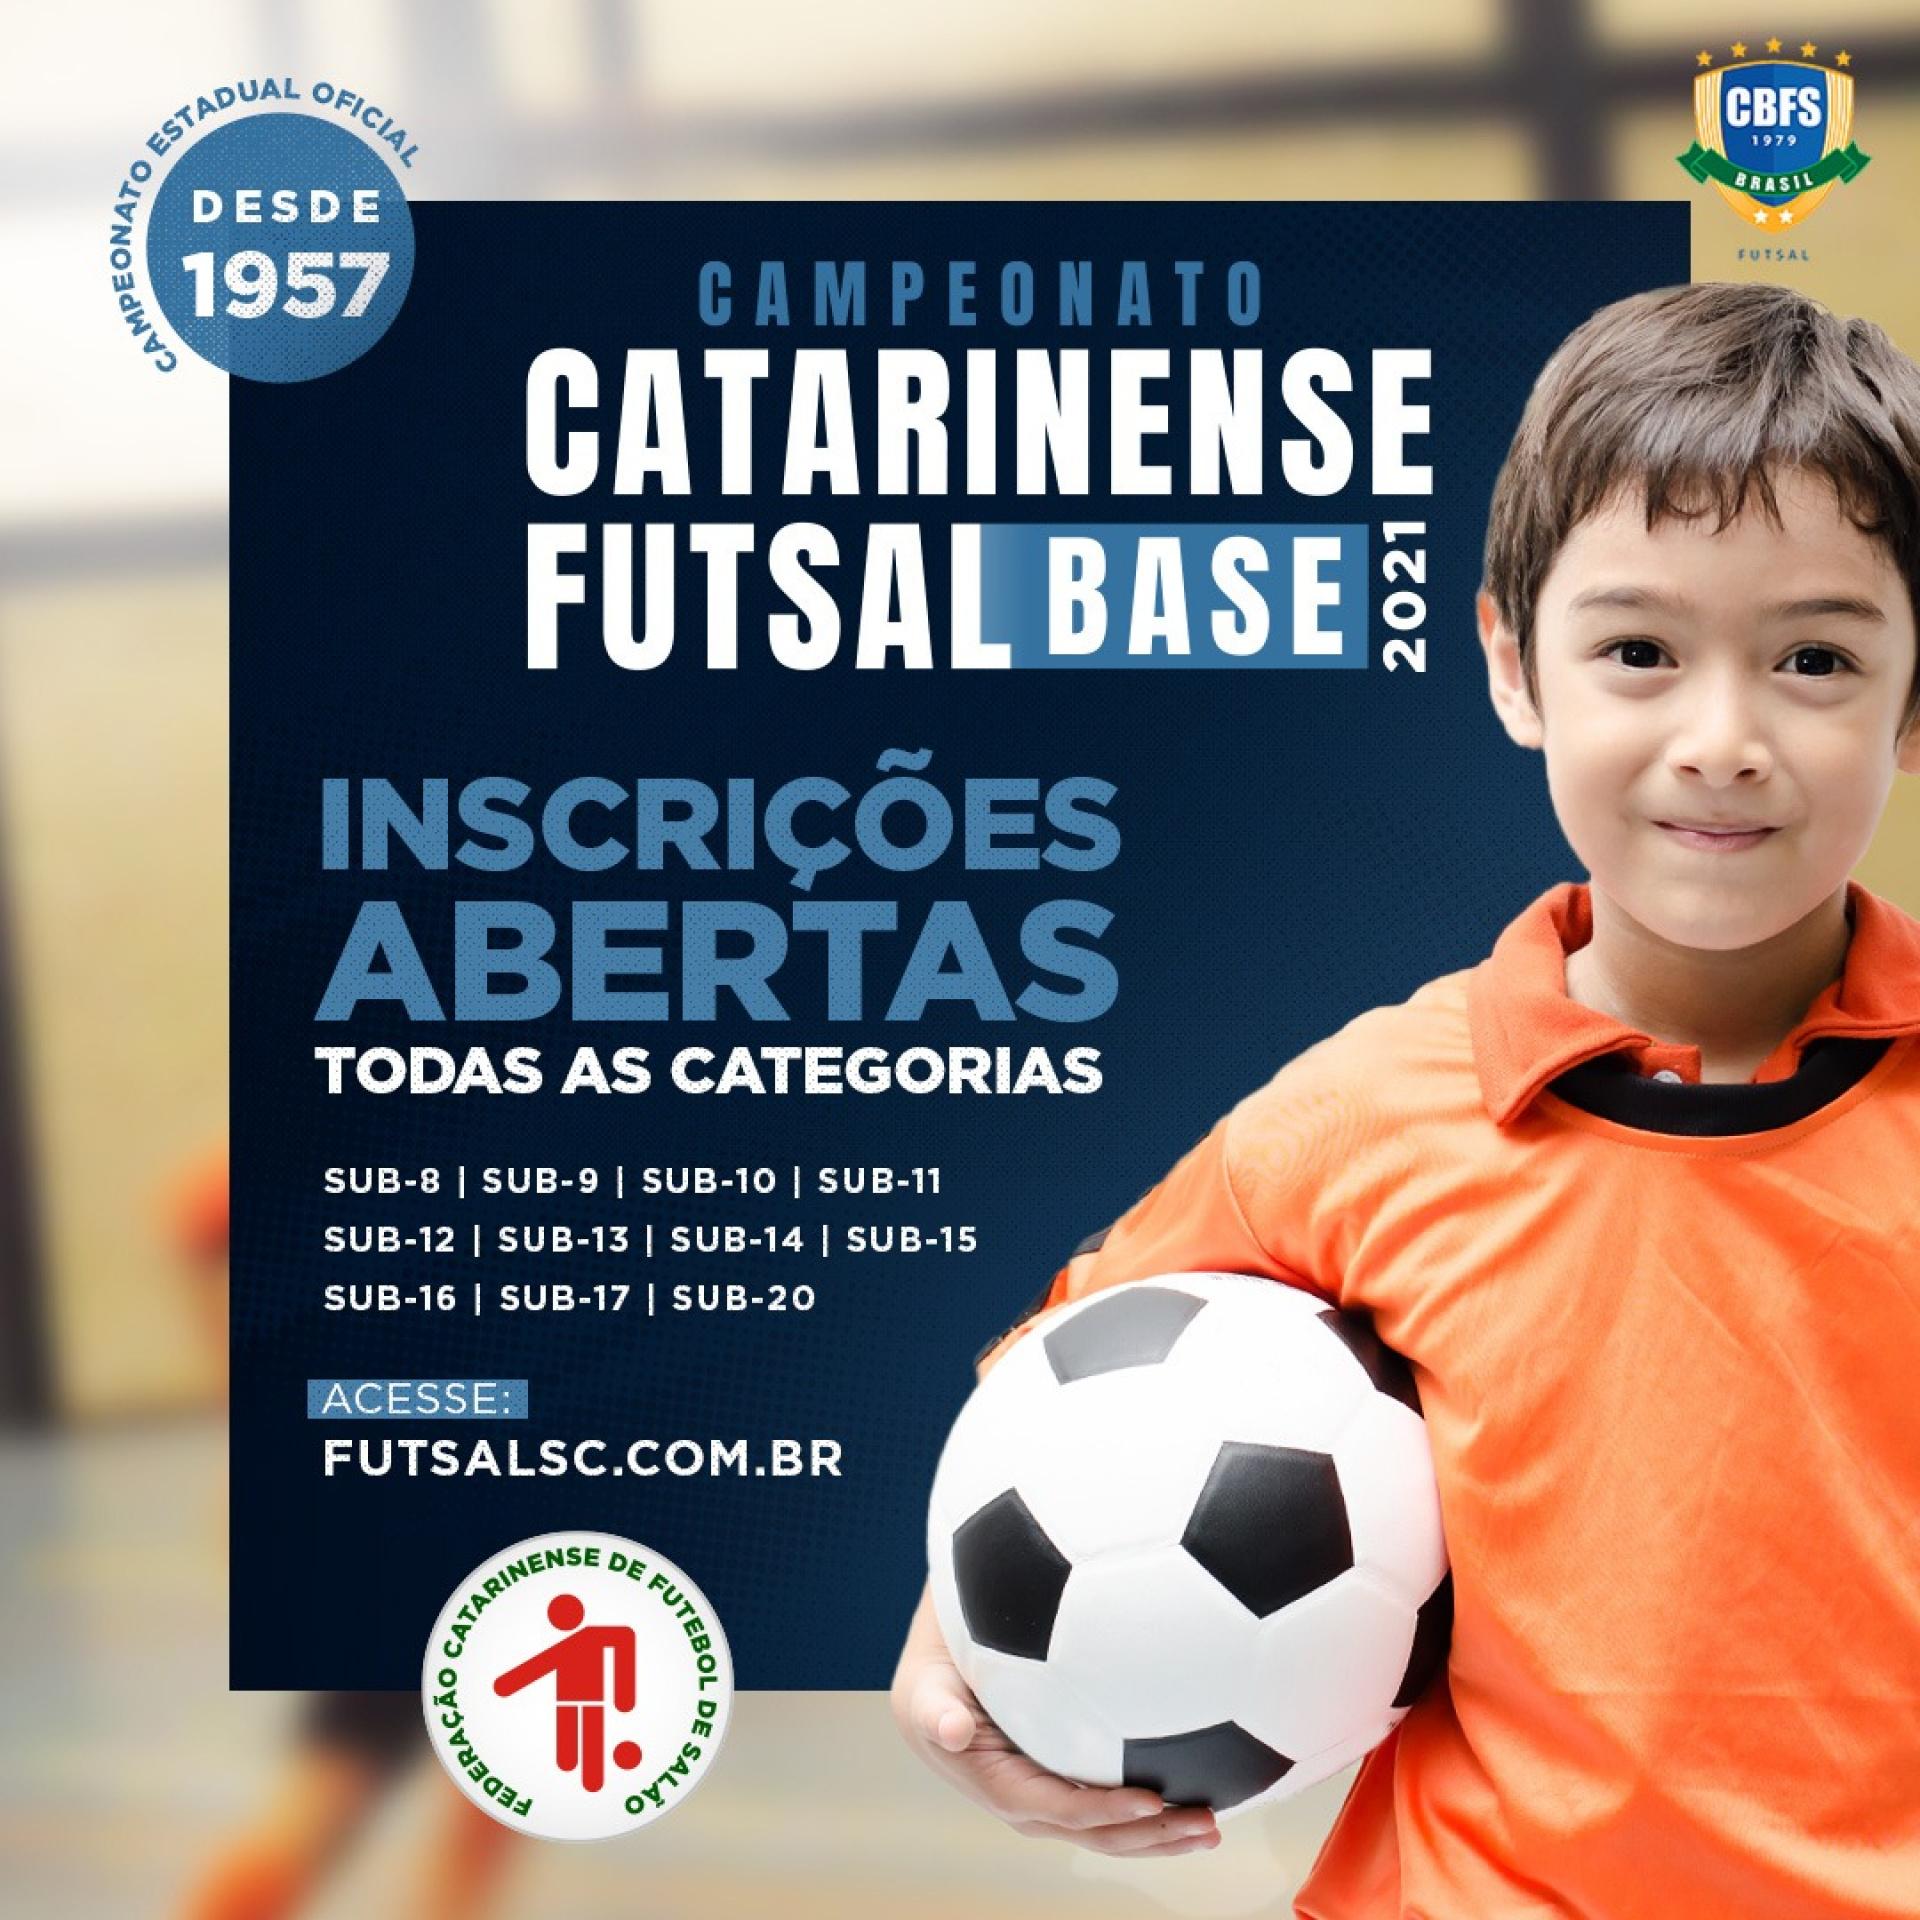 FCFS ABRE INSCRIÇÕES PARA 2021